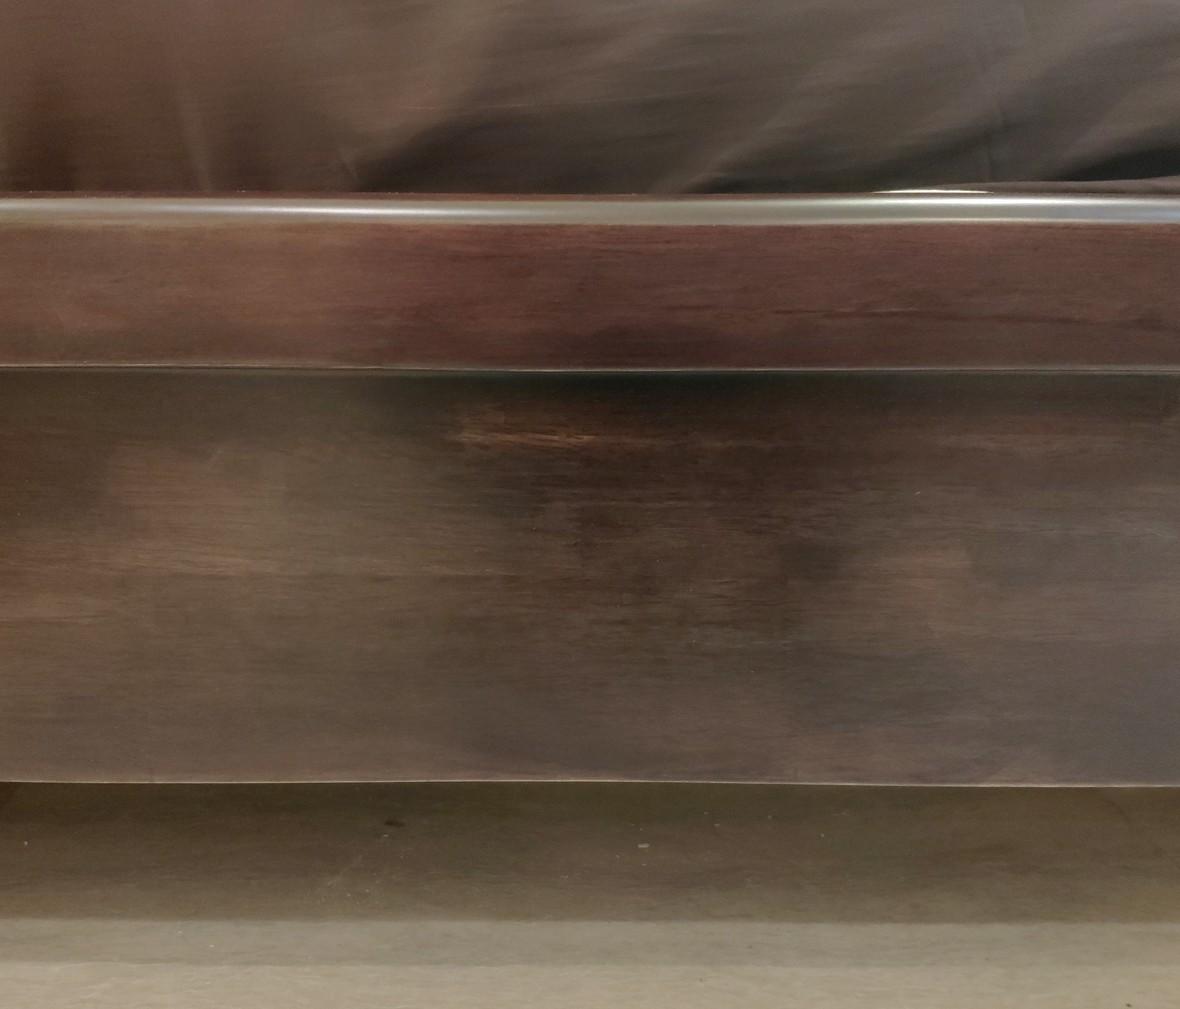 华日家居 QA/B086001101型号特价双人床 进口楠木中式卧室家具 图片、价格、品牌、评测样样齐全!【蓝景商城正品行货,蓝景丽家大钟寺家居广场提货,北京地区配送,领券更优惠,线上线下同品同价,立即购买享受更多优惠哦!】